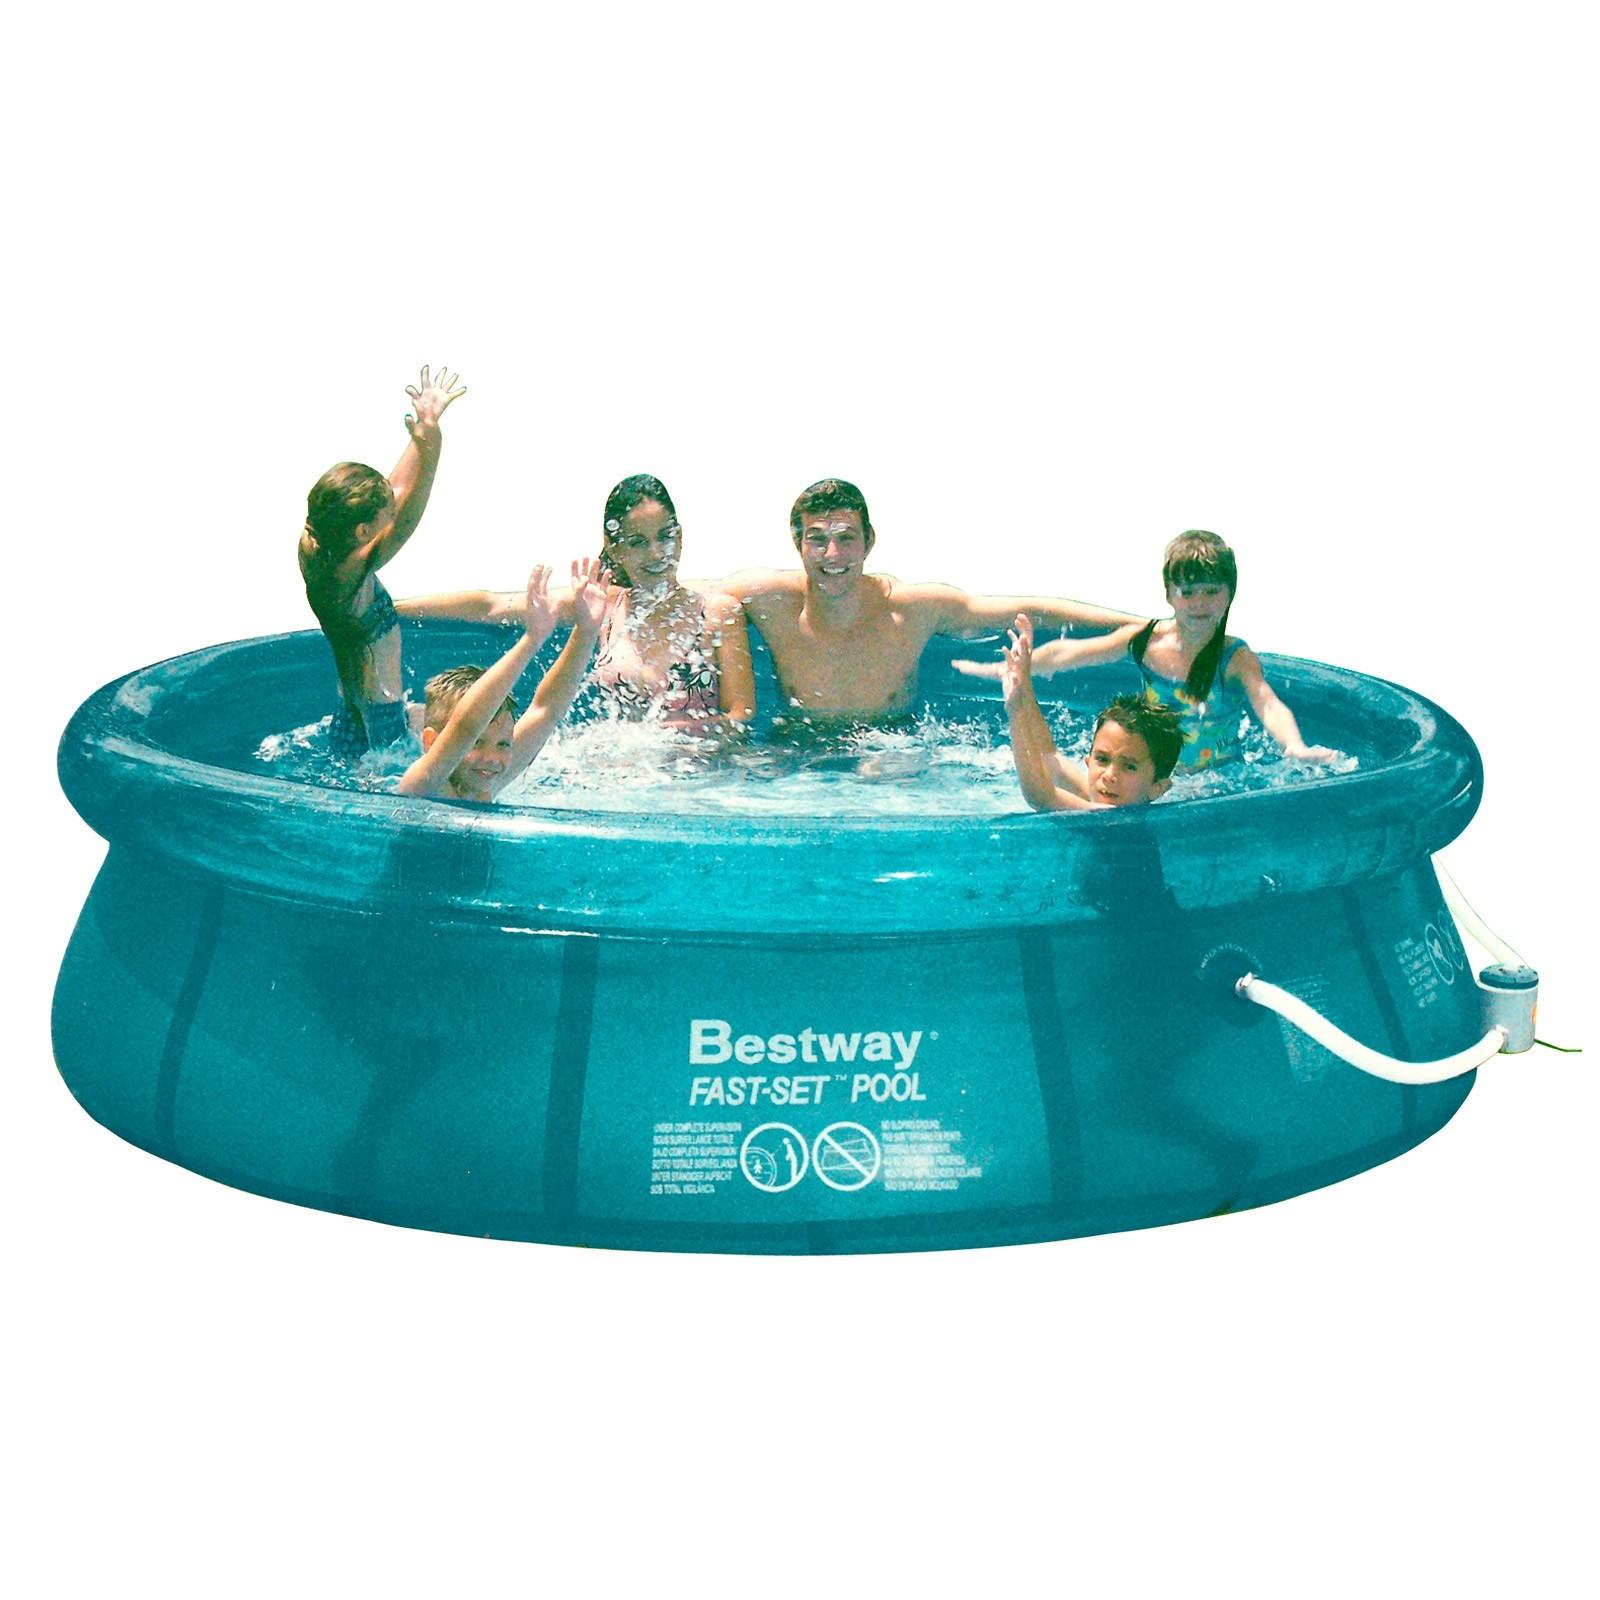 Bestway swimmingpool aufstellpool pool gartenpool set 4x2m for Gartenpool angebote